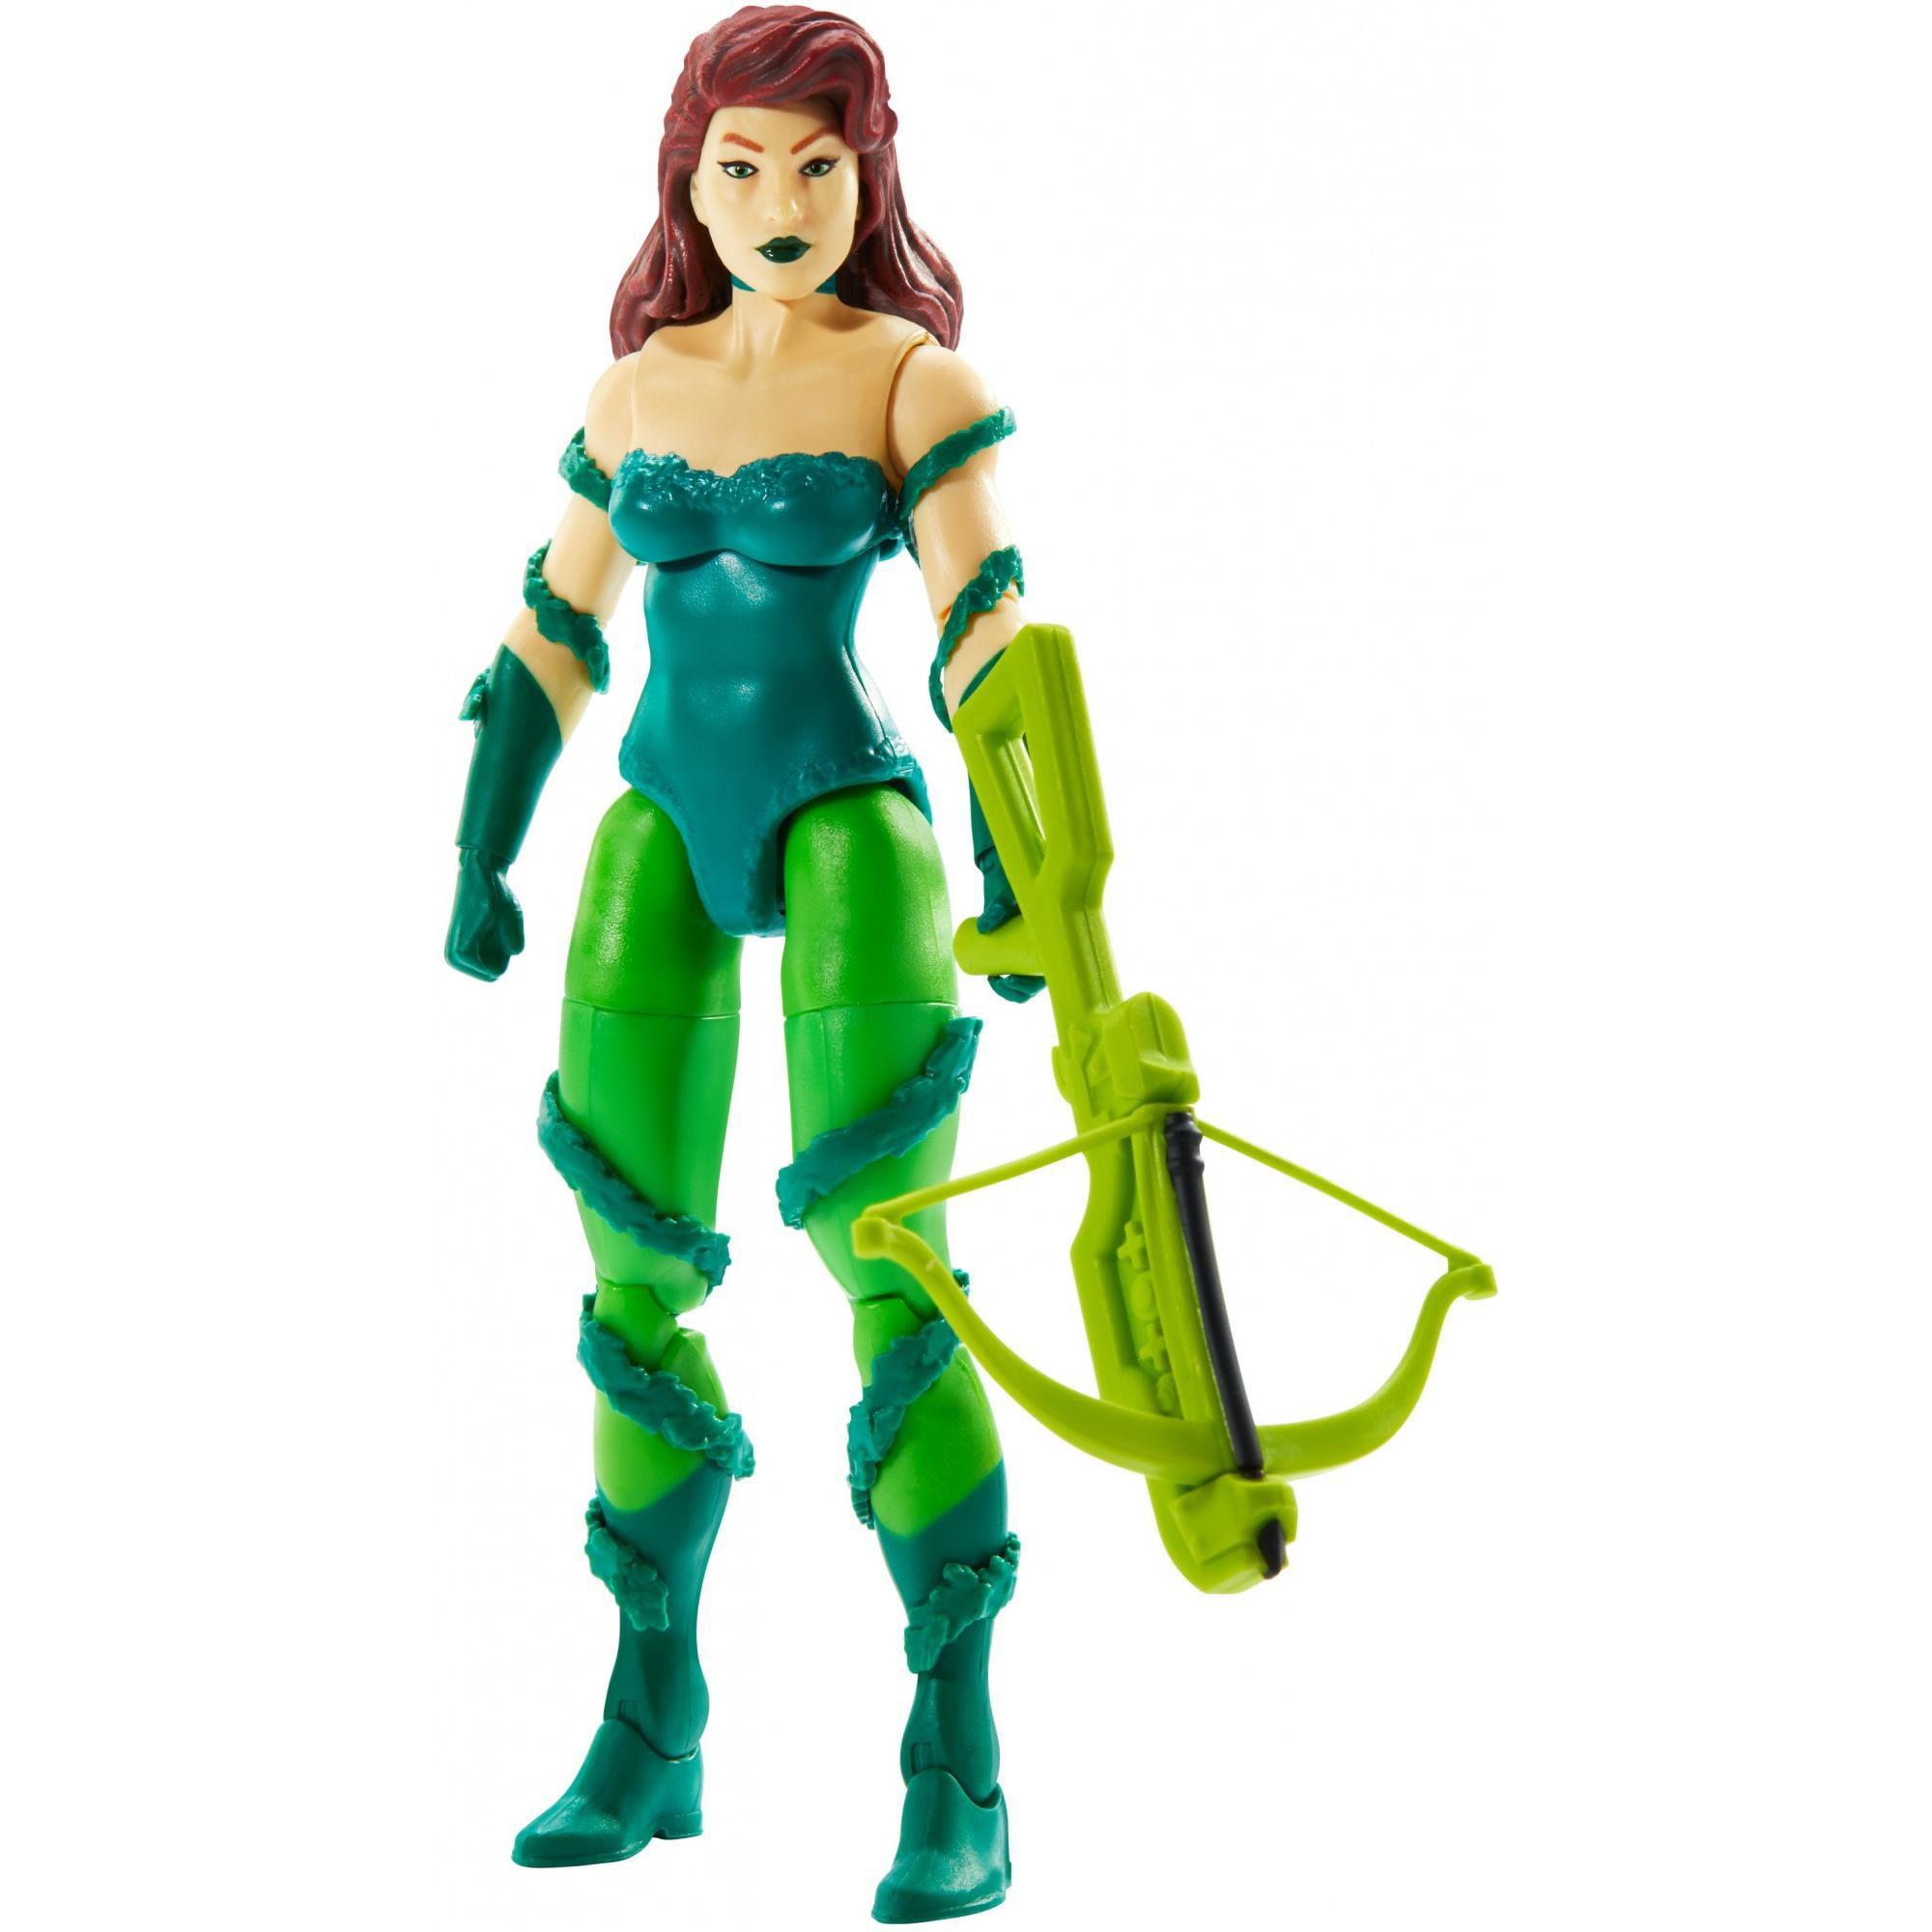 DC Comics Multiverse Poison Ivy Figure